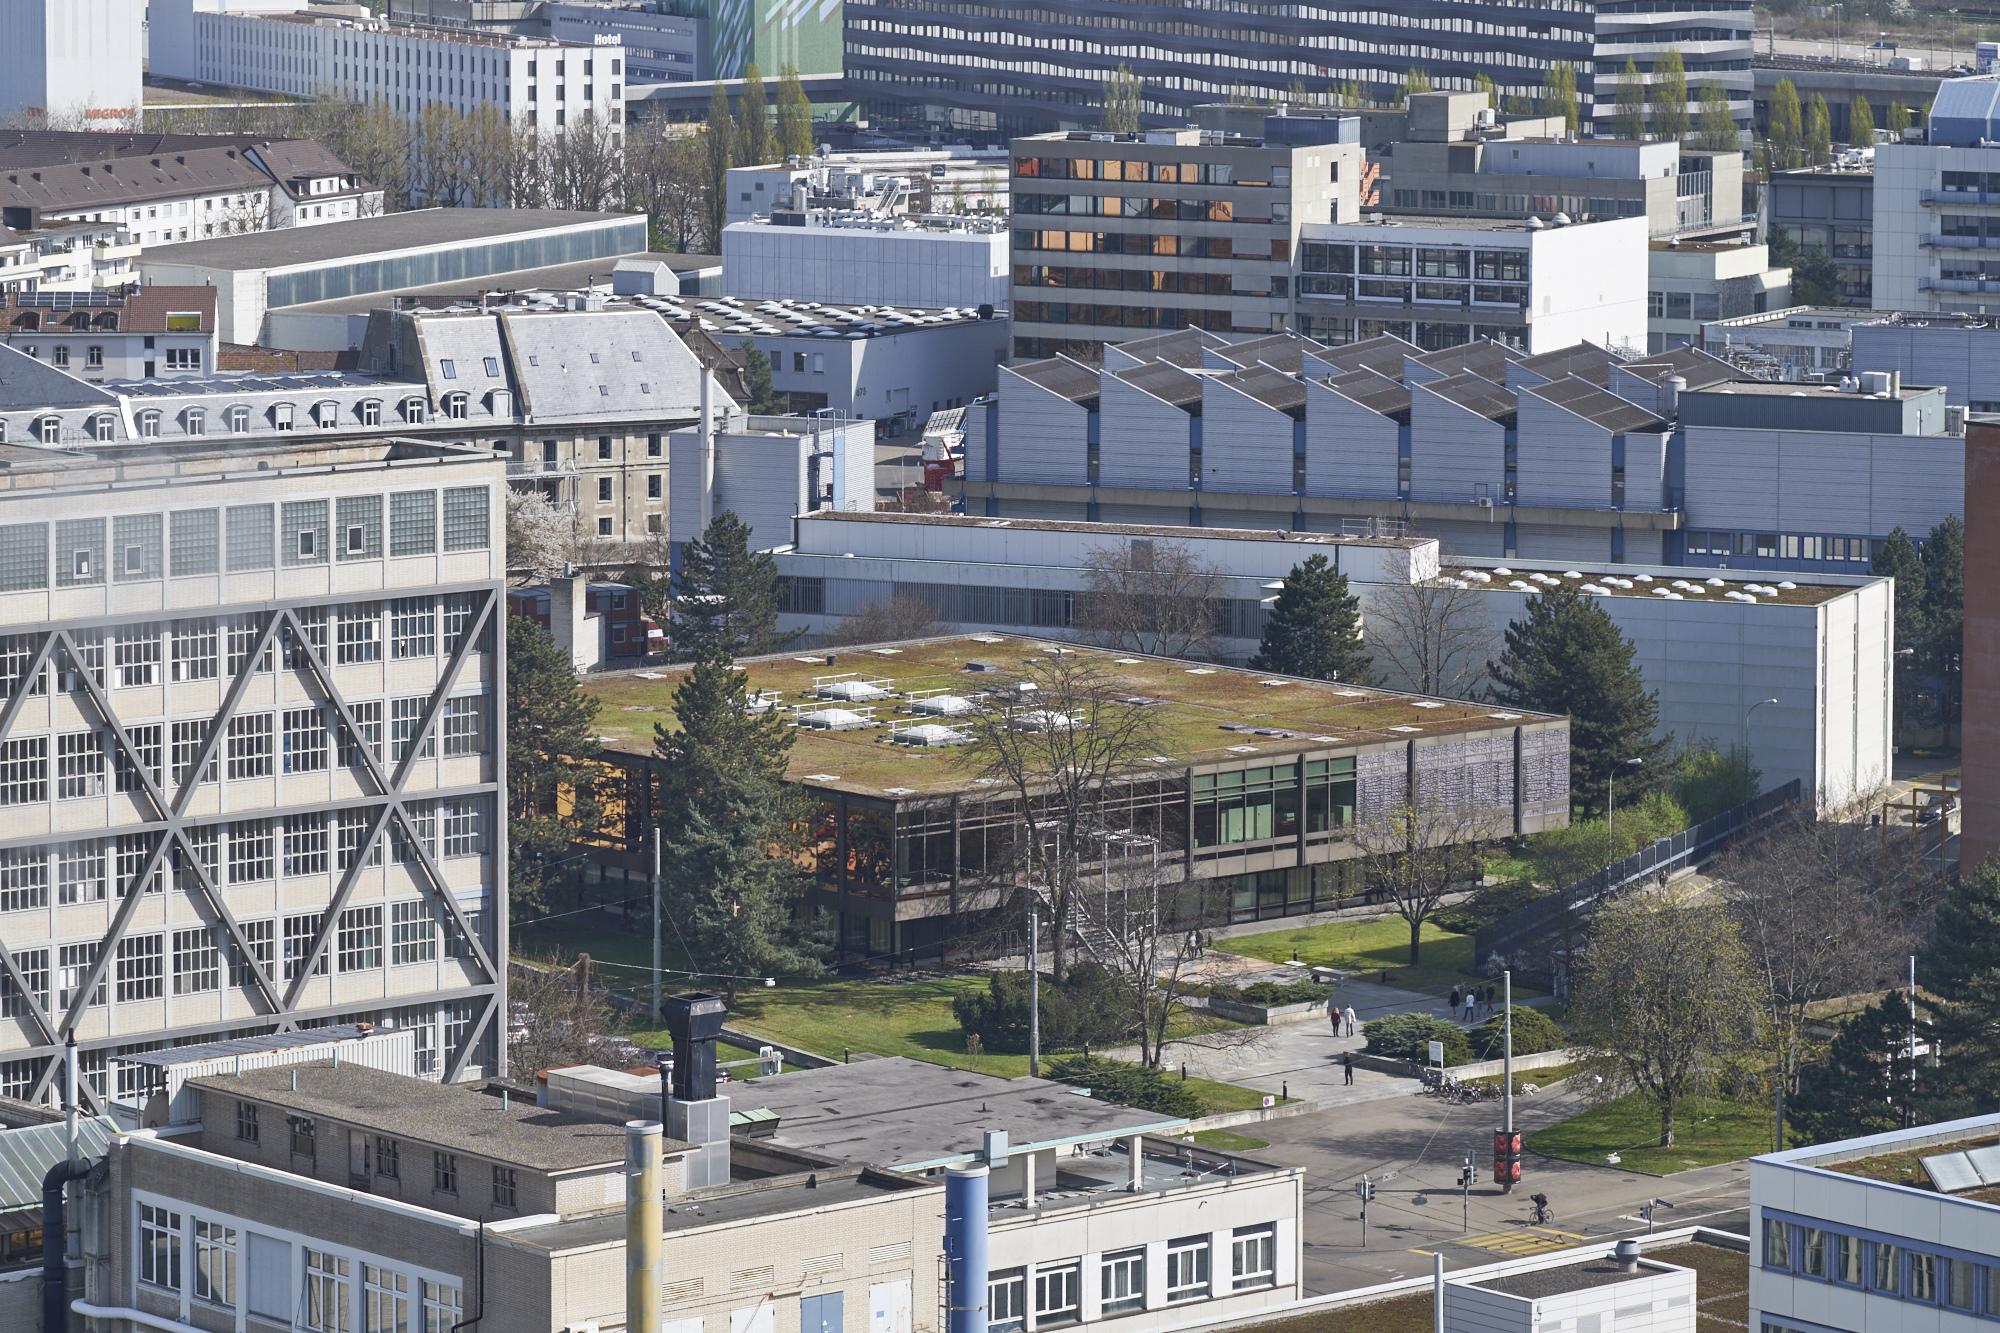 Blick vom Novartis-Hochhaus auf das Areal.